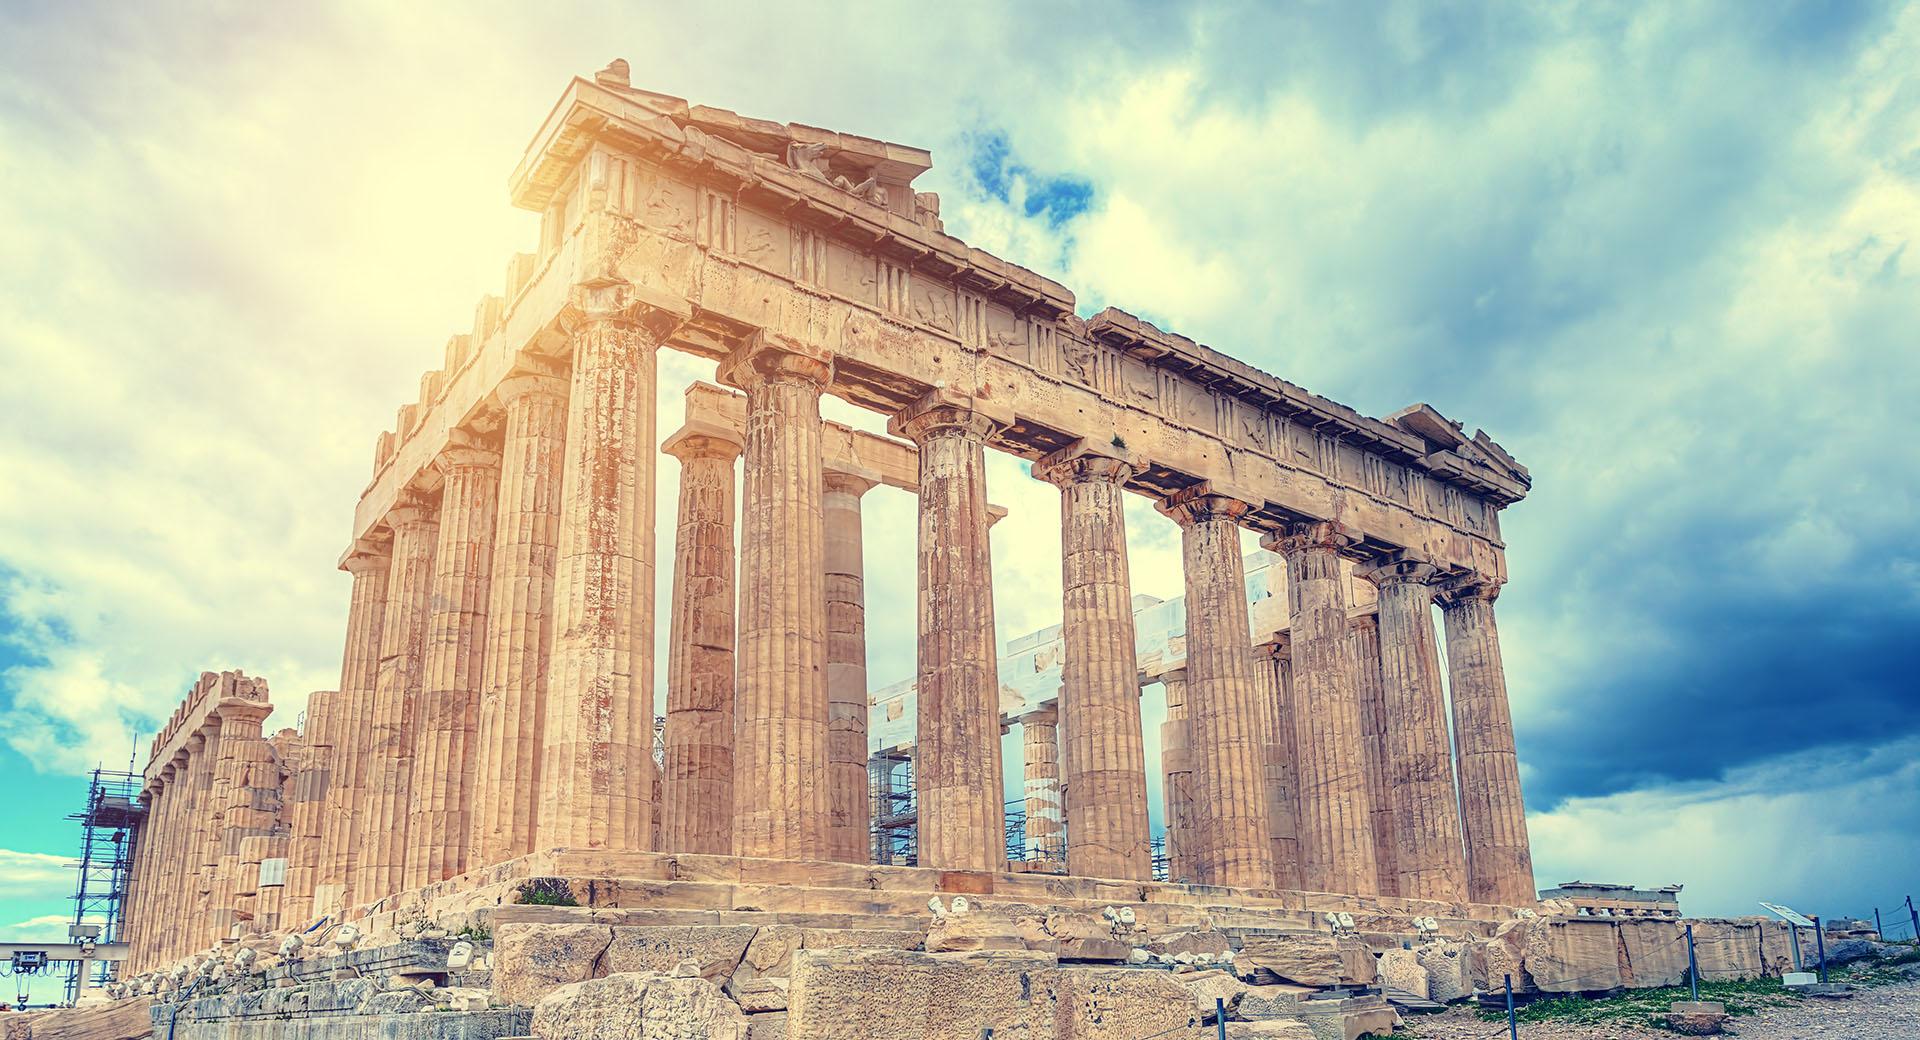 Acrópolis y el Partenón, dos íconos de Atenas, una ciudad rica en historia. Actualmente la ciudad más grande del país y se extiende más de tres mil años, lo que la convierte en una de las ciudades habitadas más antiguas